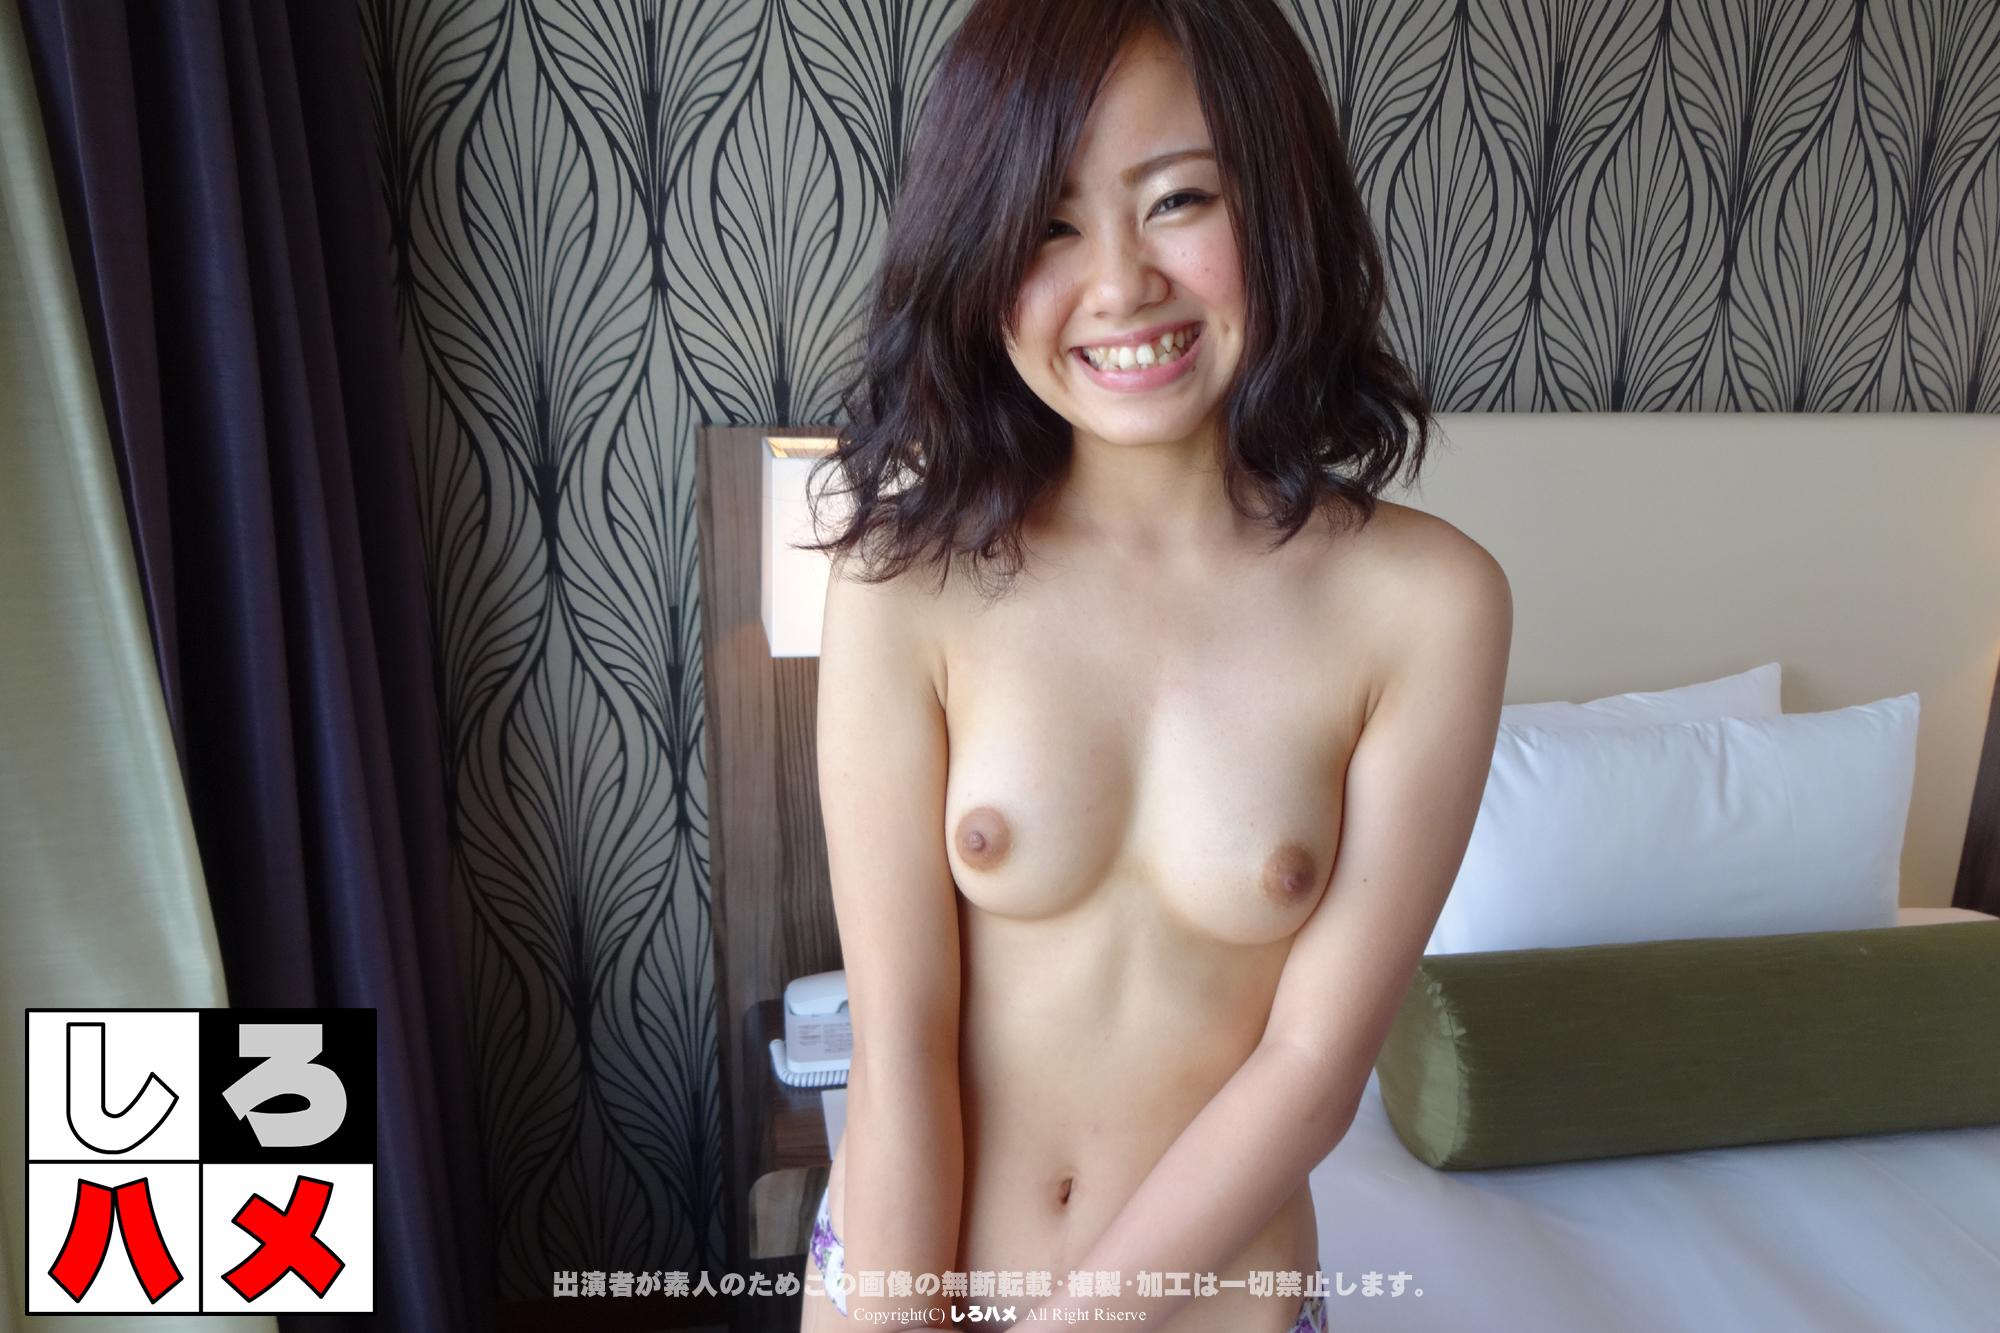 しろハメ無修正&lsm-003.jpg4.us imagesize:1440x960| batpic